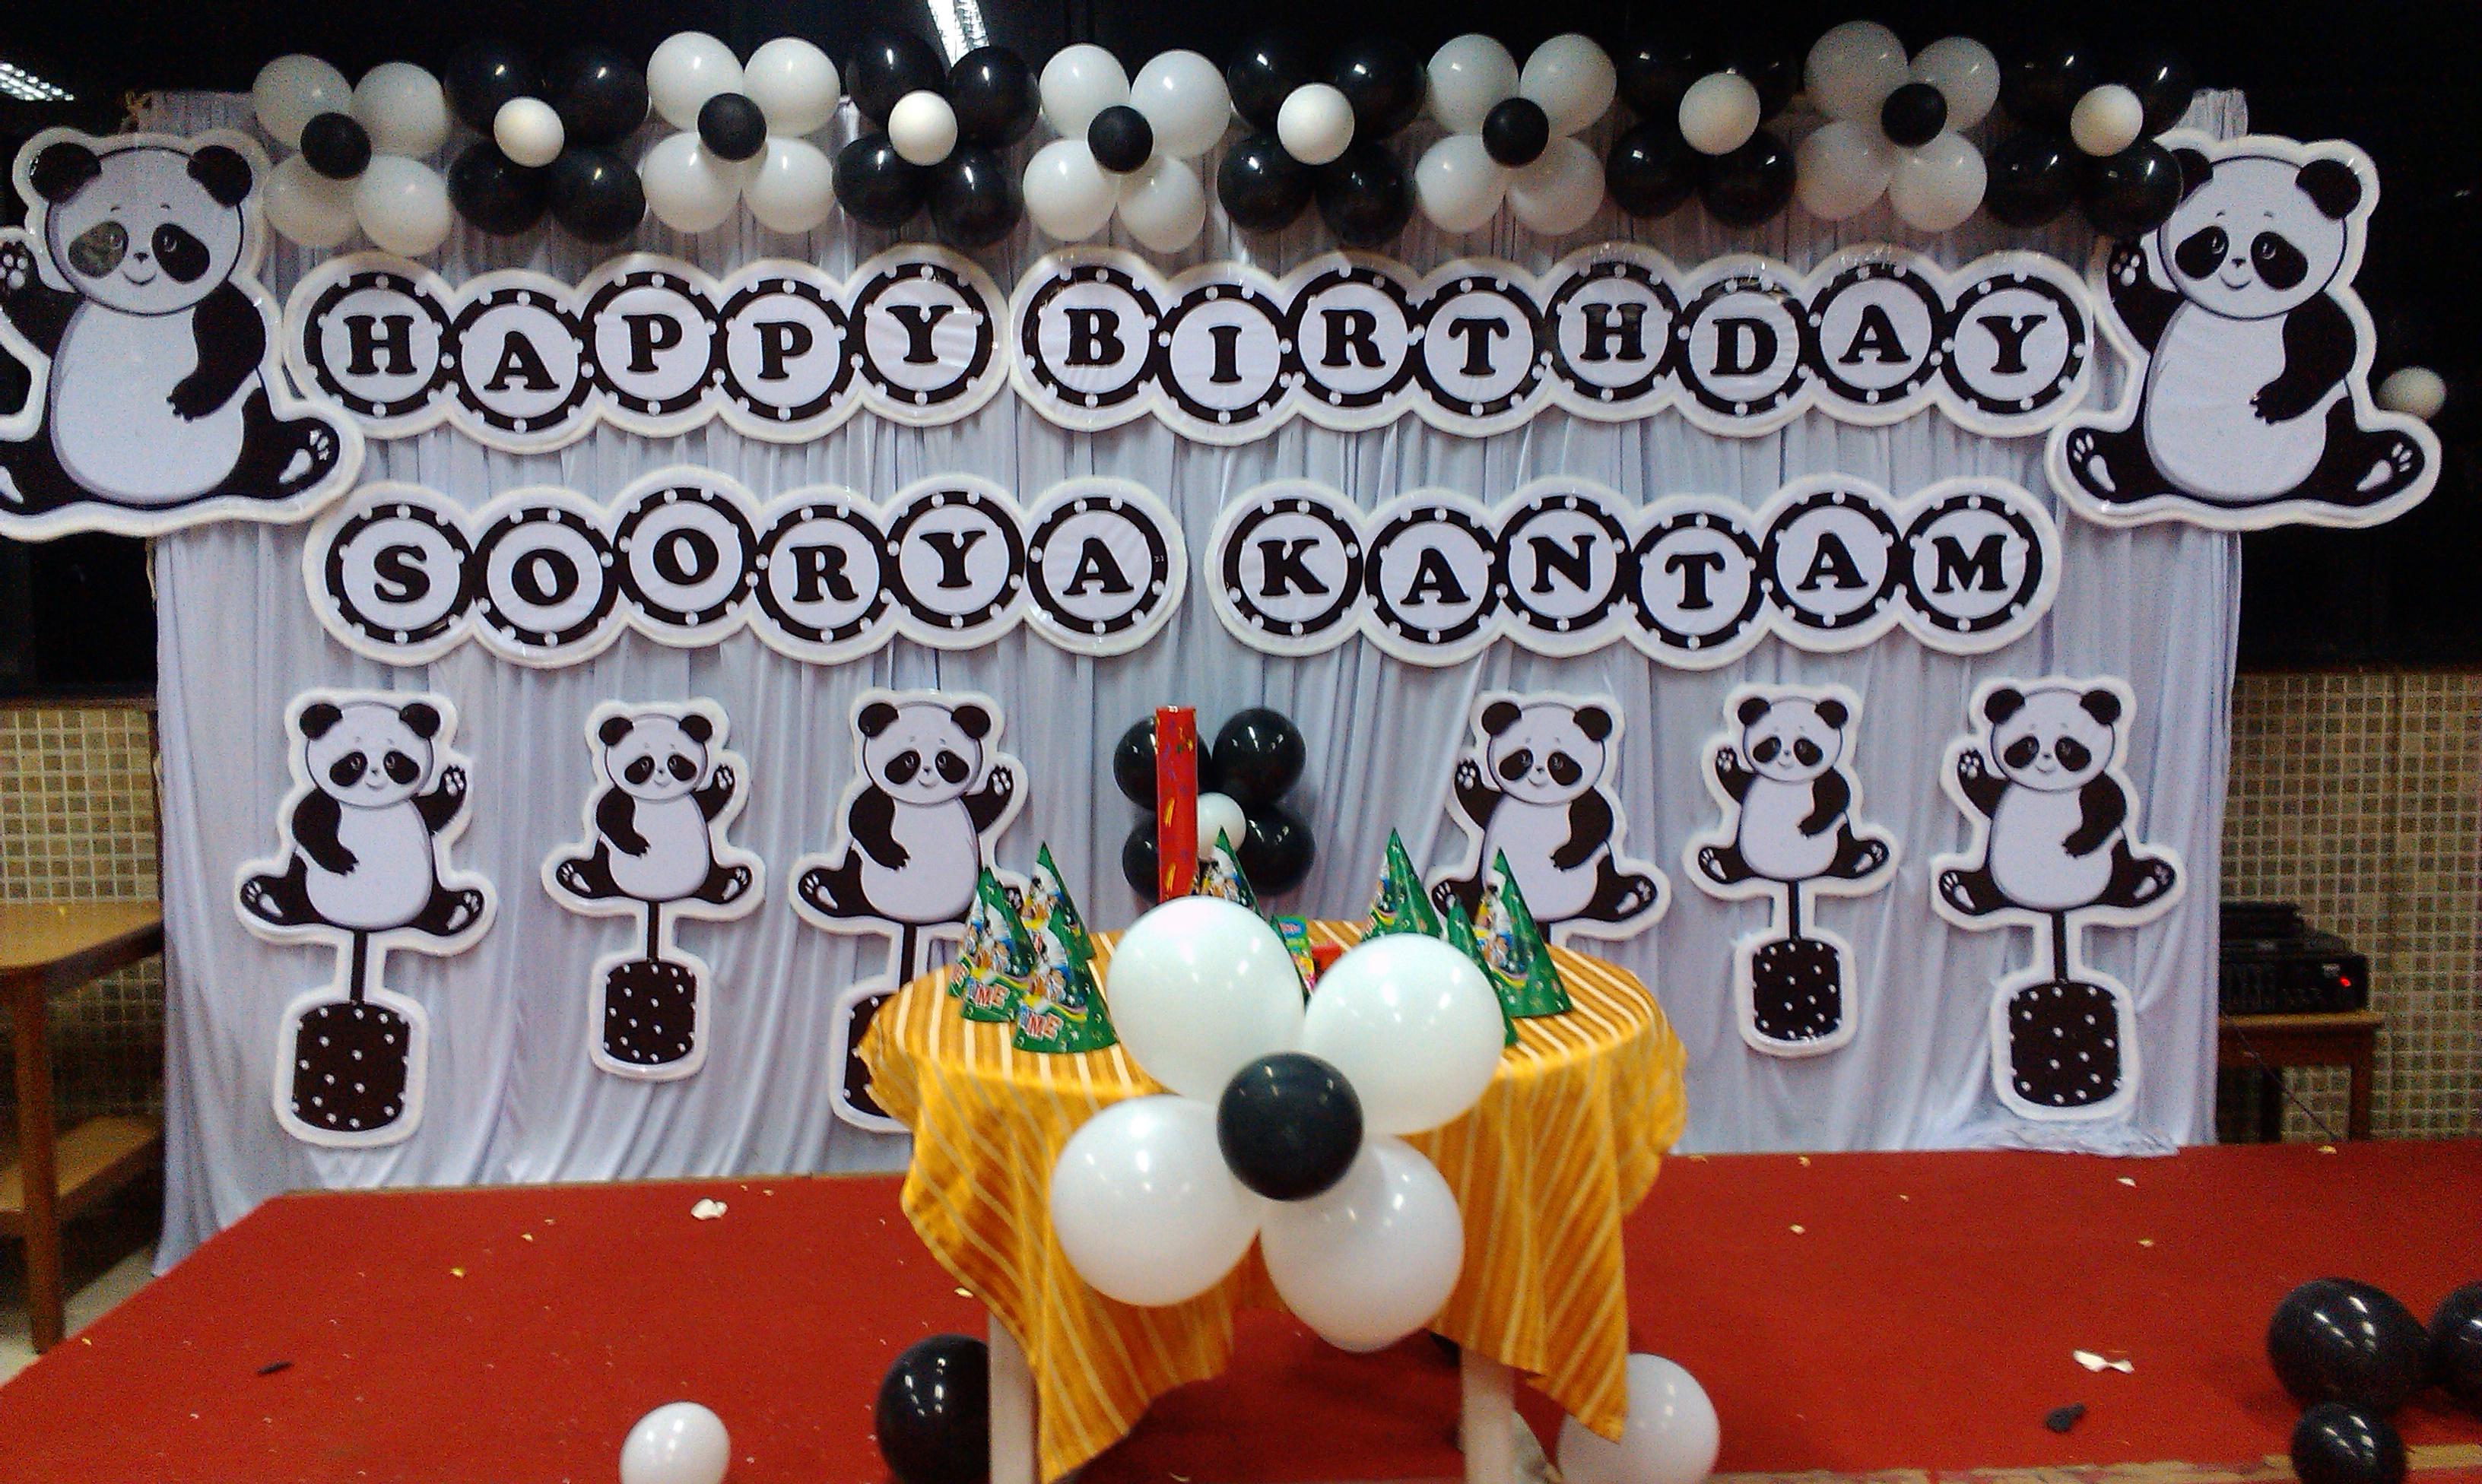 panda theme basic decoration - Hiibangalore.com